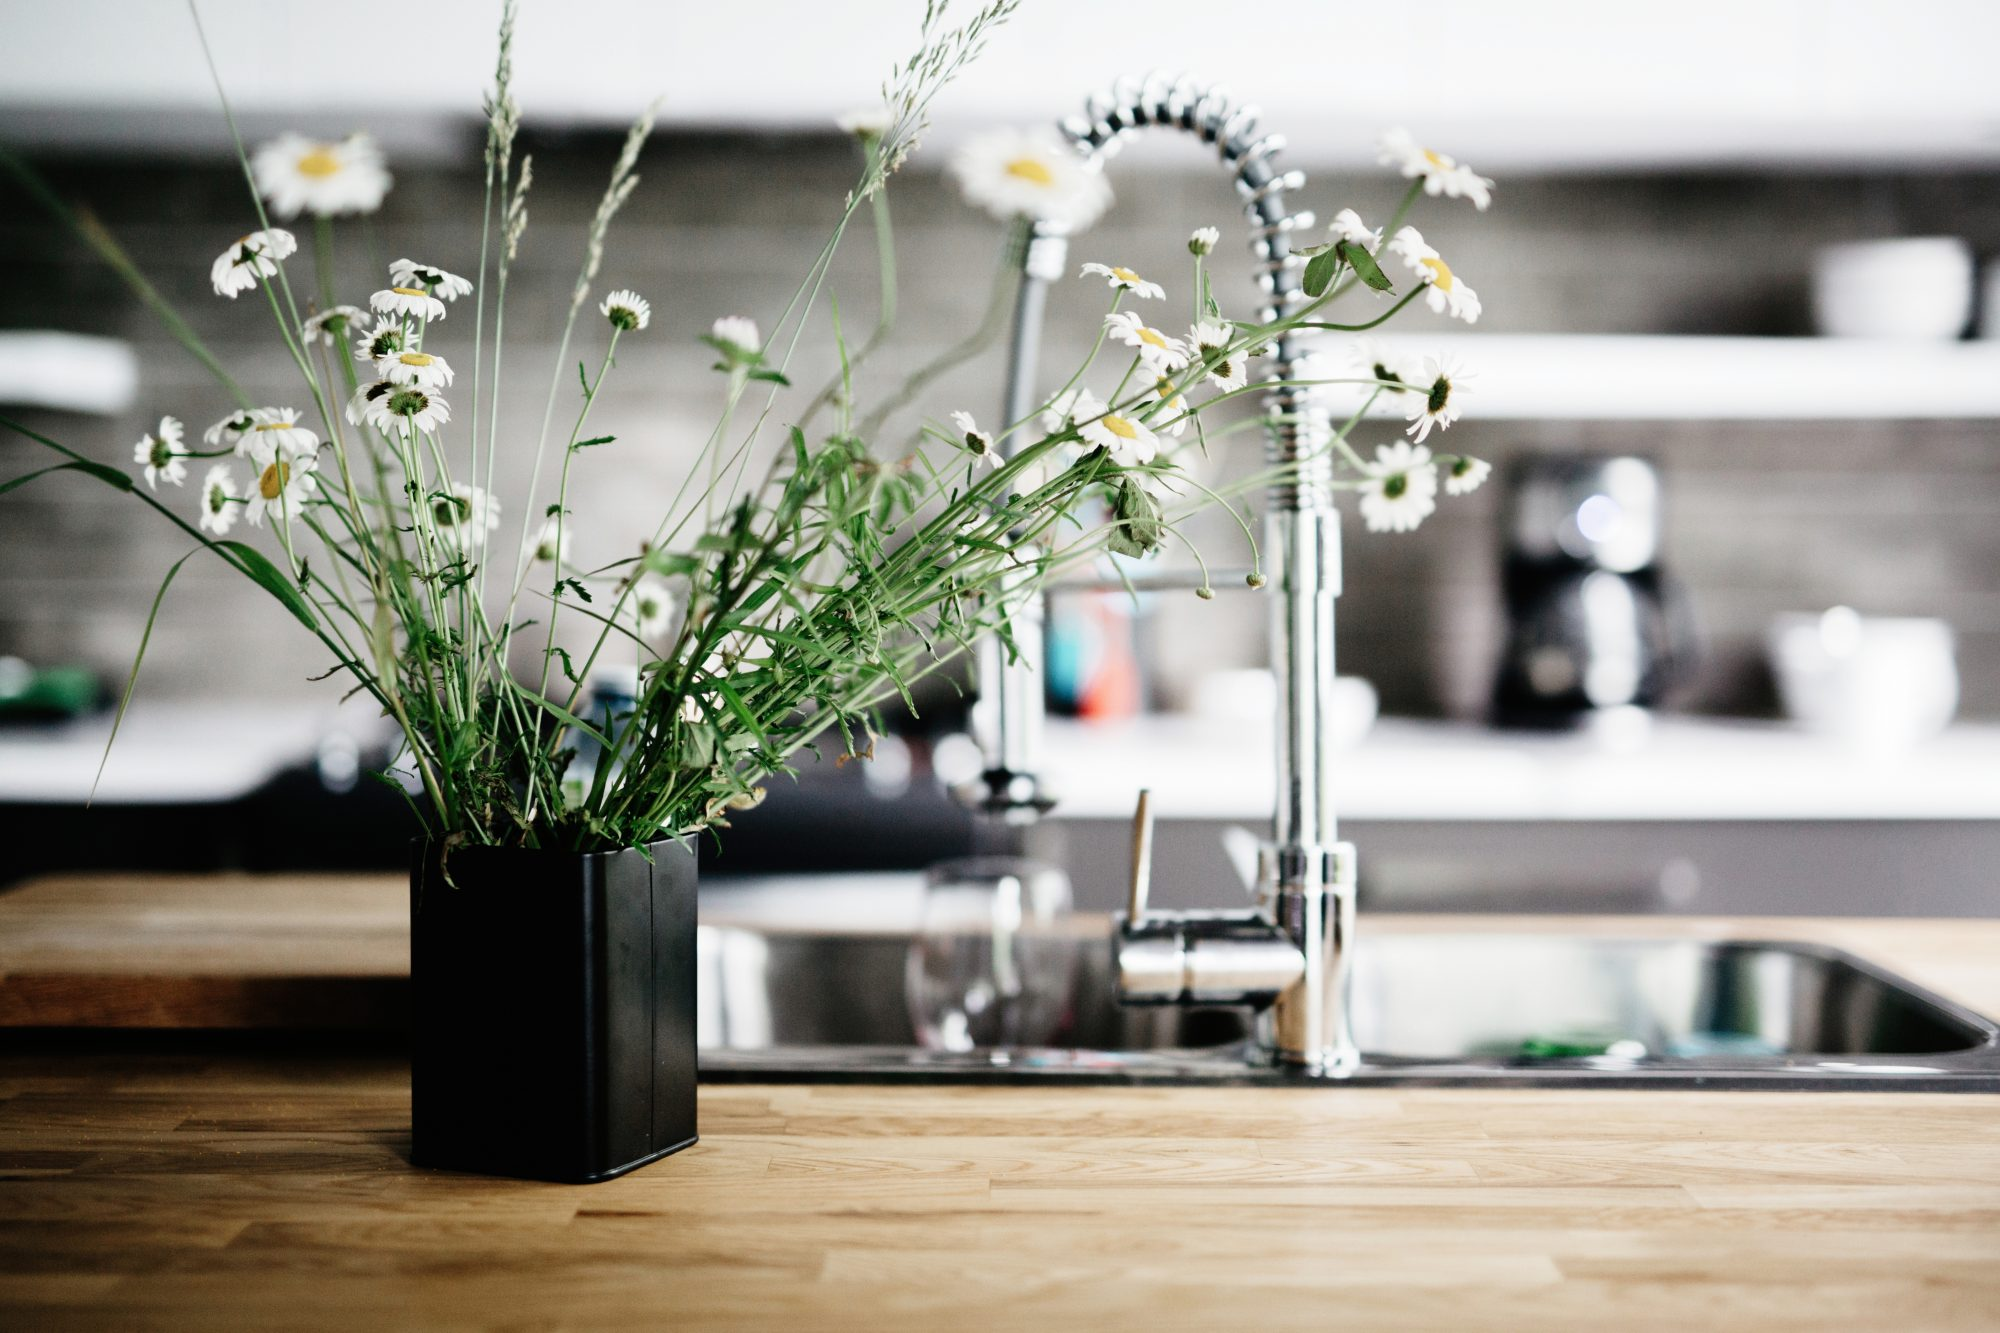 flowers in kitchen